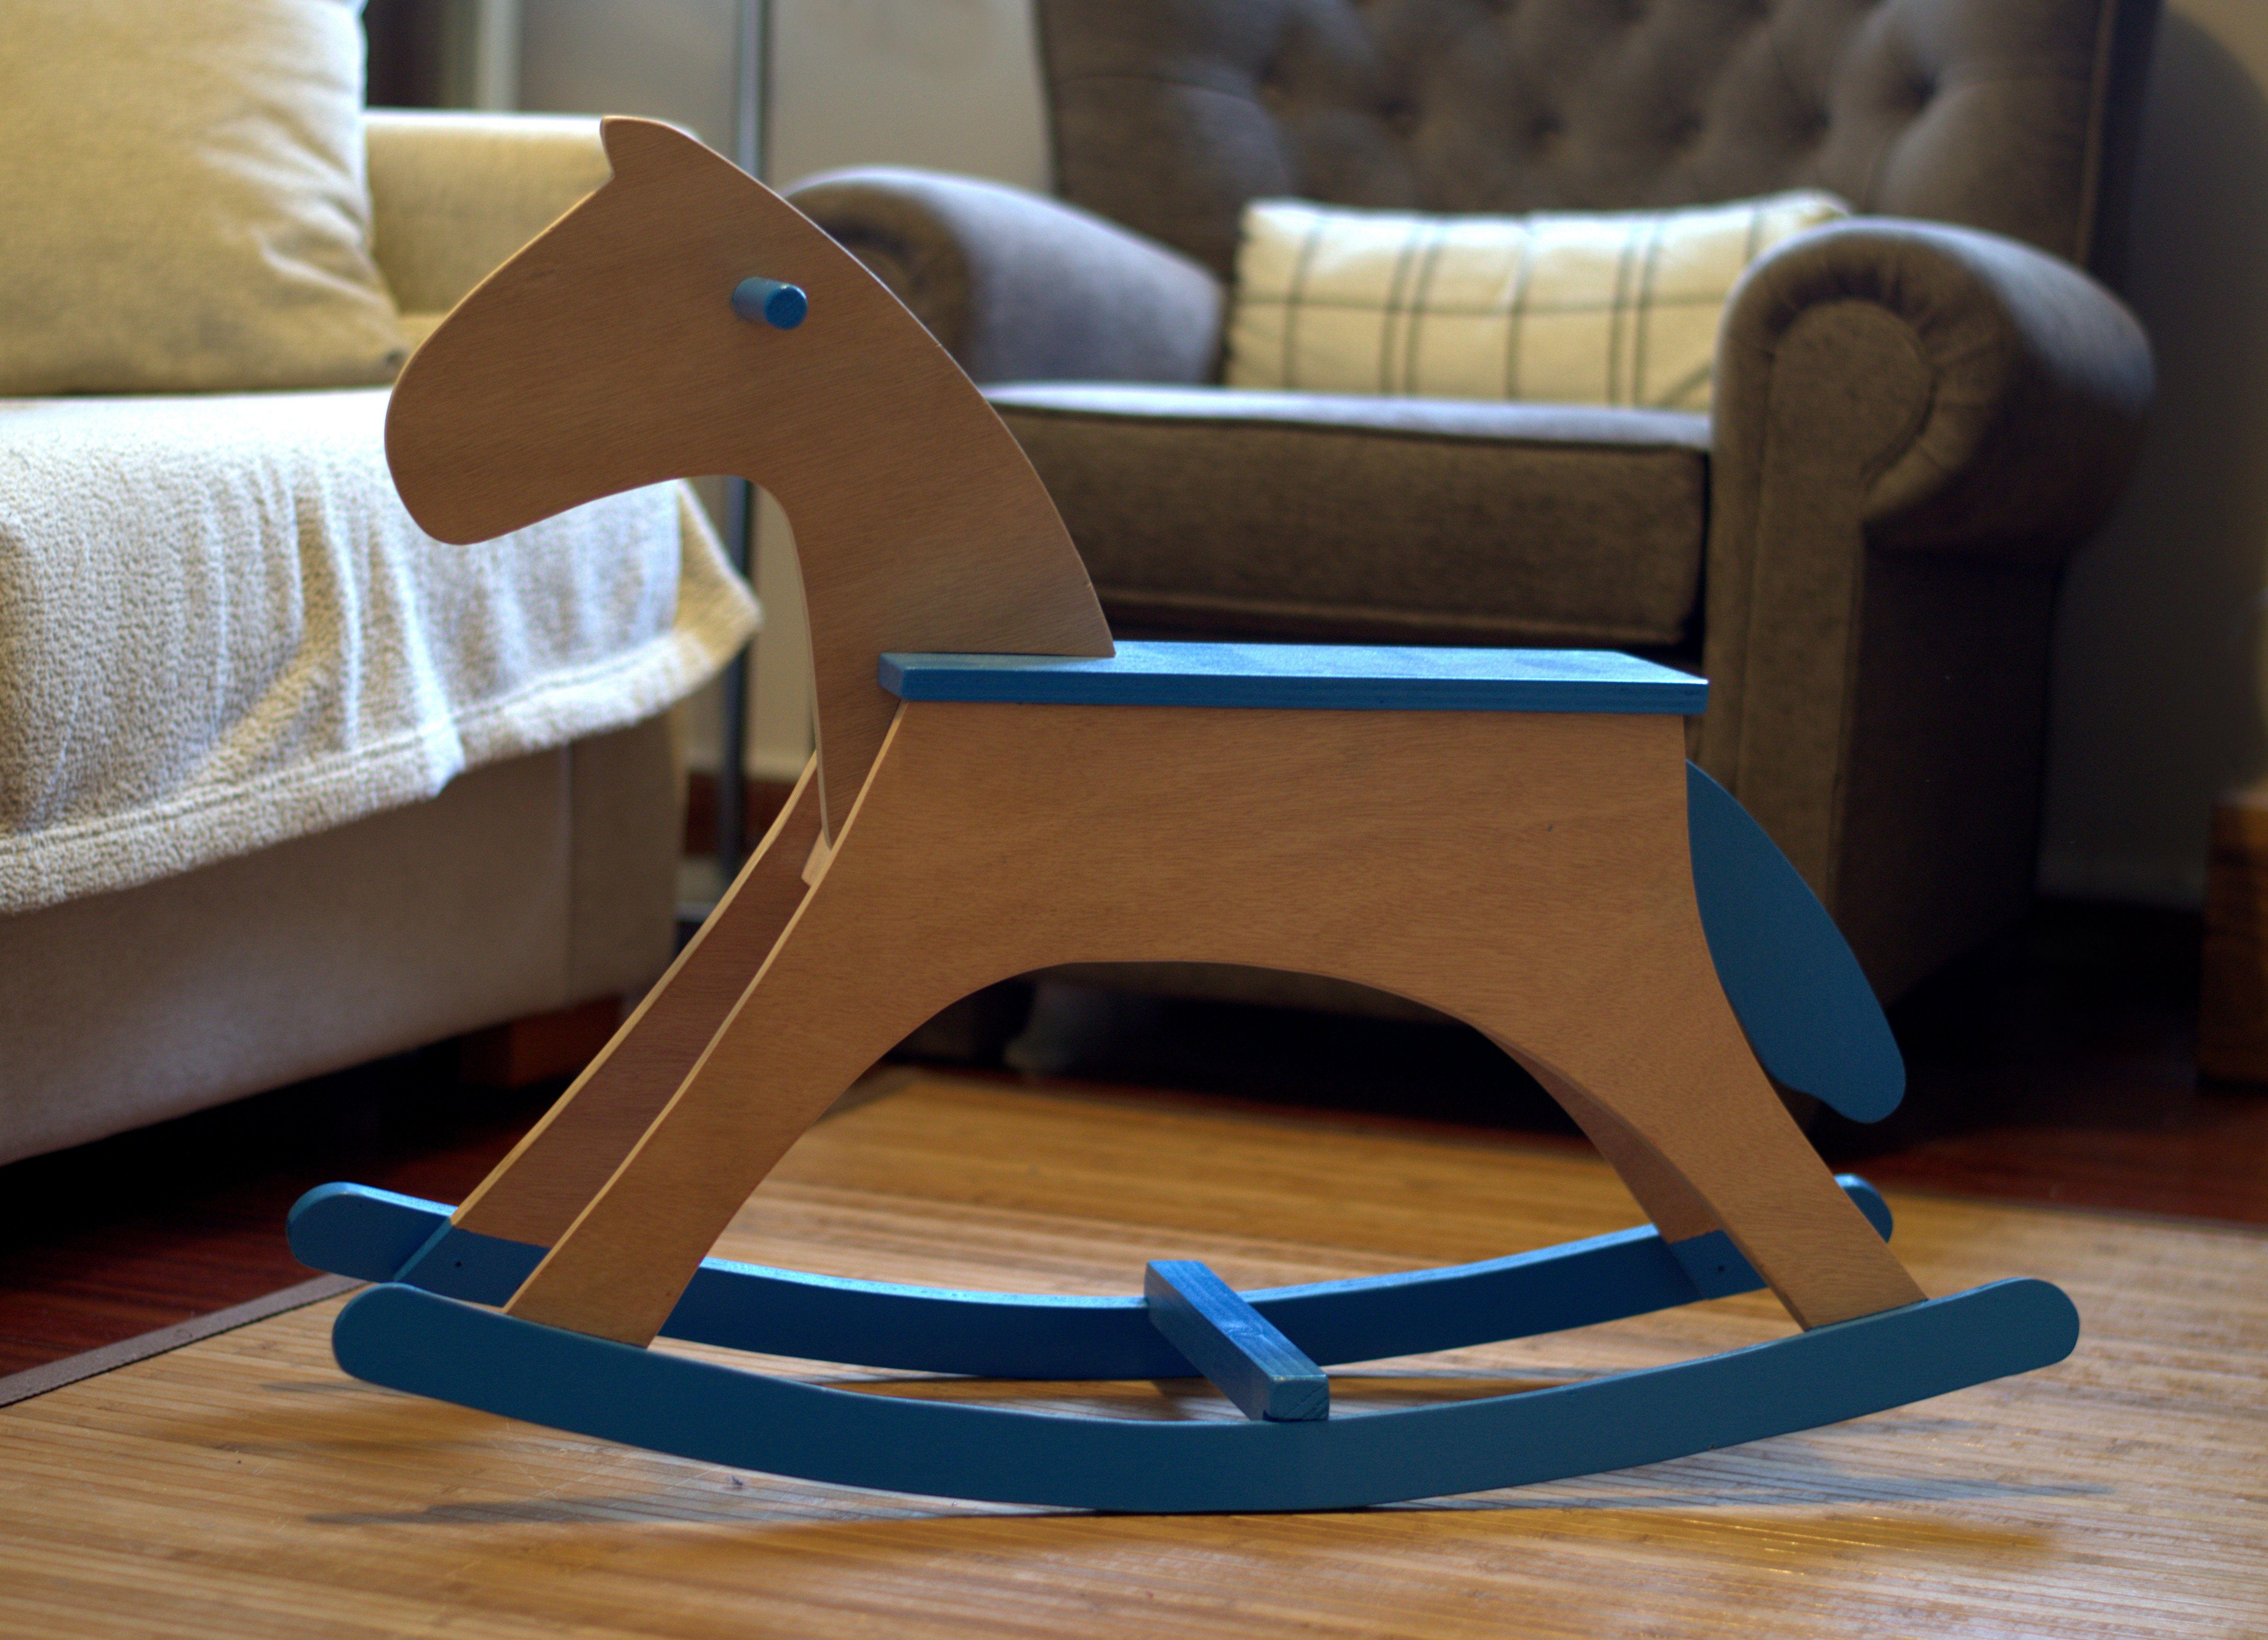 Wooden Rocking Horse Caballito De Madera Balanc N Pin Enviado  # El Foco Muebles Caballito